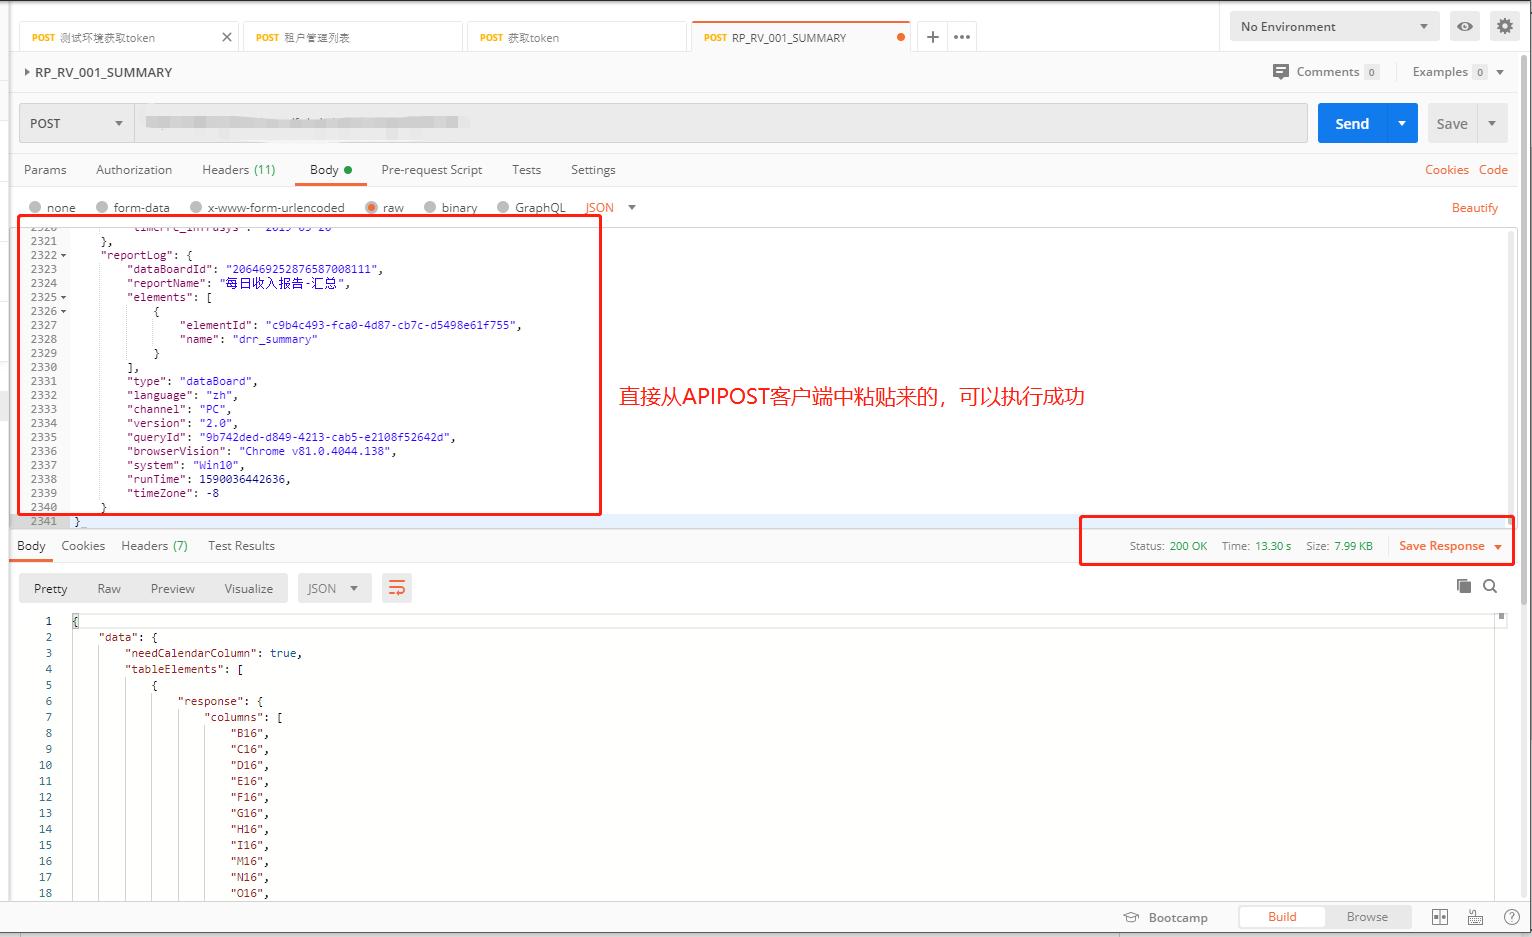 有一段JSON格式的BODY,同样的条件,POSTMAN能请求成功,APIPOST无法请求成功,400错误(是不是APIPOST上做了行数限制,因为TXT格式能请求成功,JSON化后就失败了)